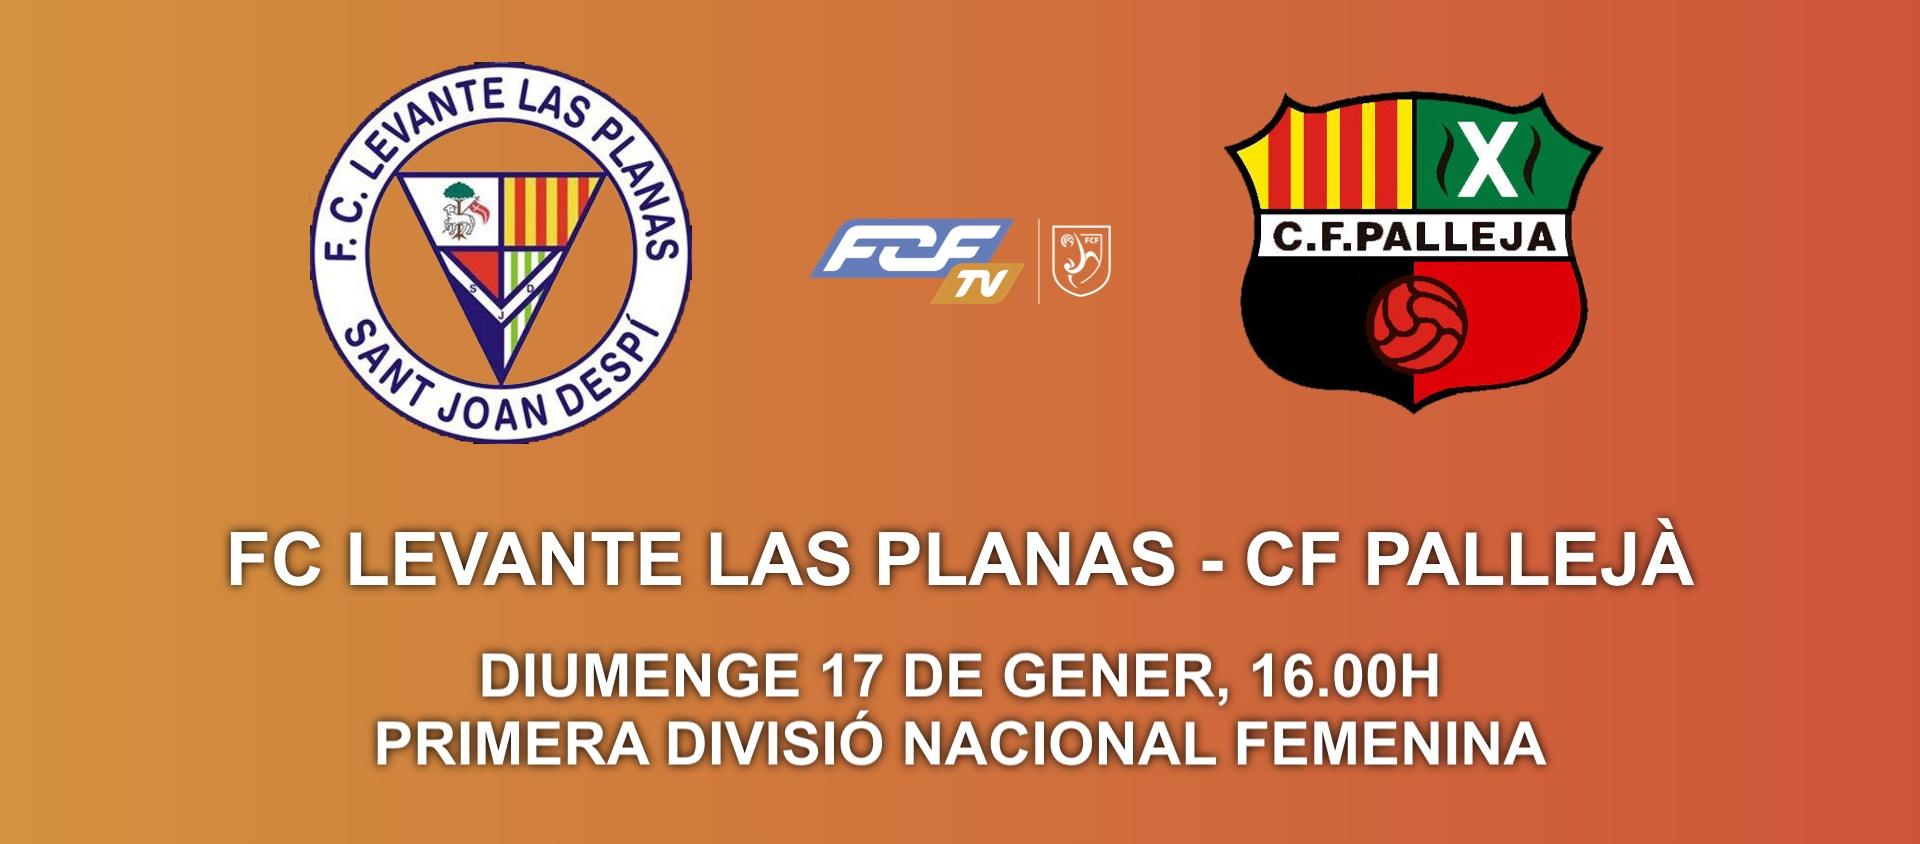 El derbi femenino entre el FC Levante las Planas y el CF Pallejà, en streaming